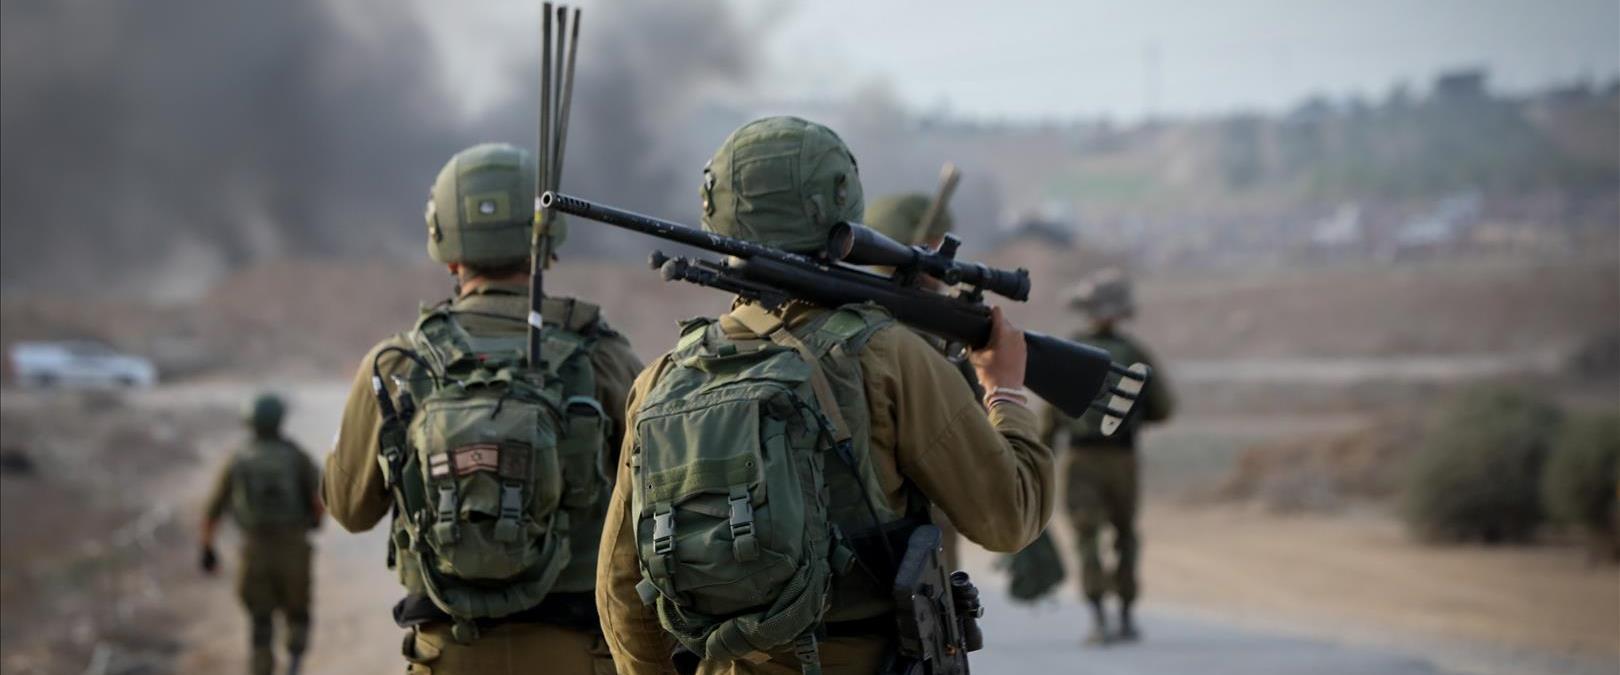 חיילים בפעילות. למצולמים אין קשר לידיעה